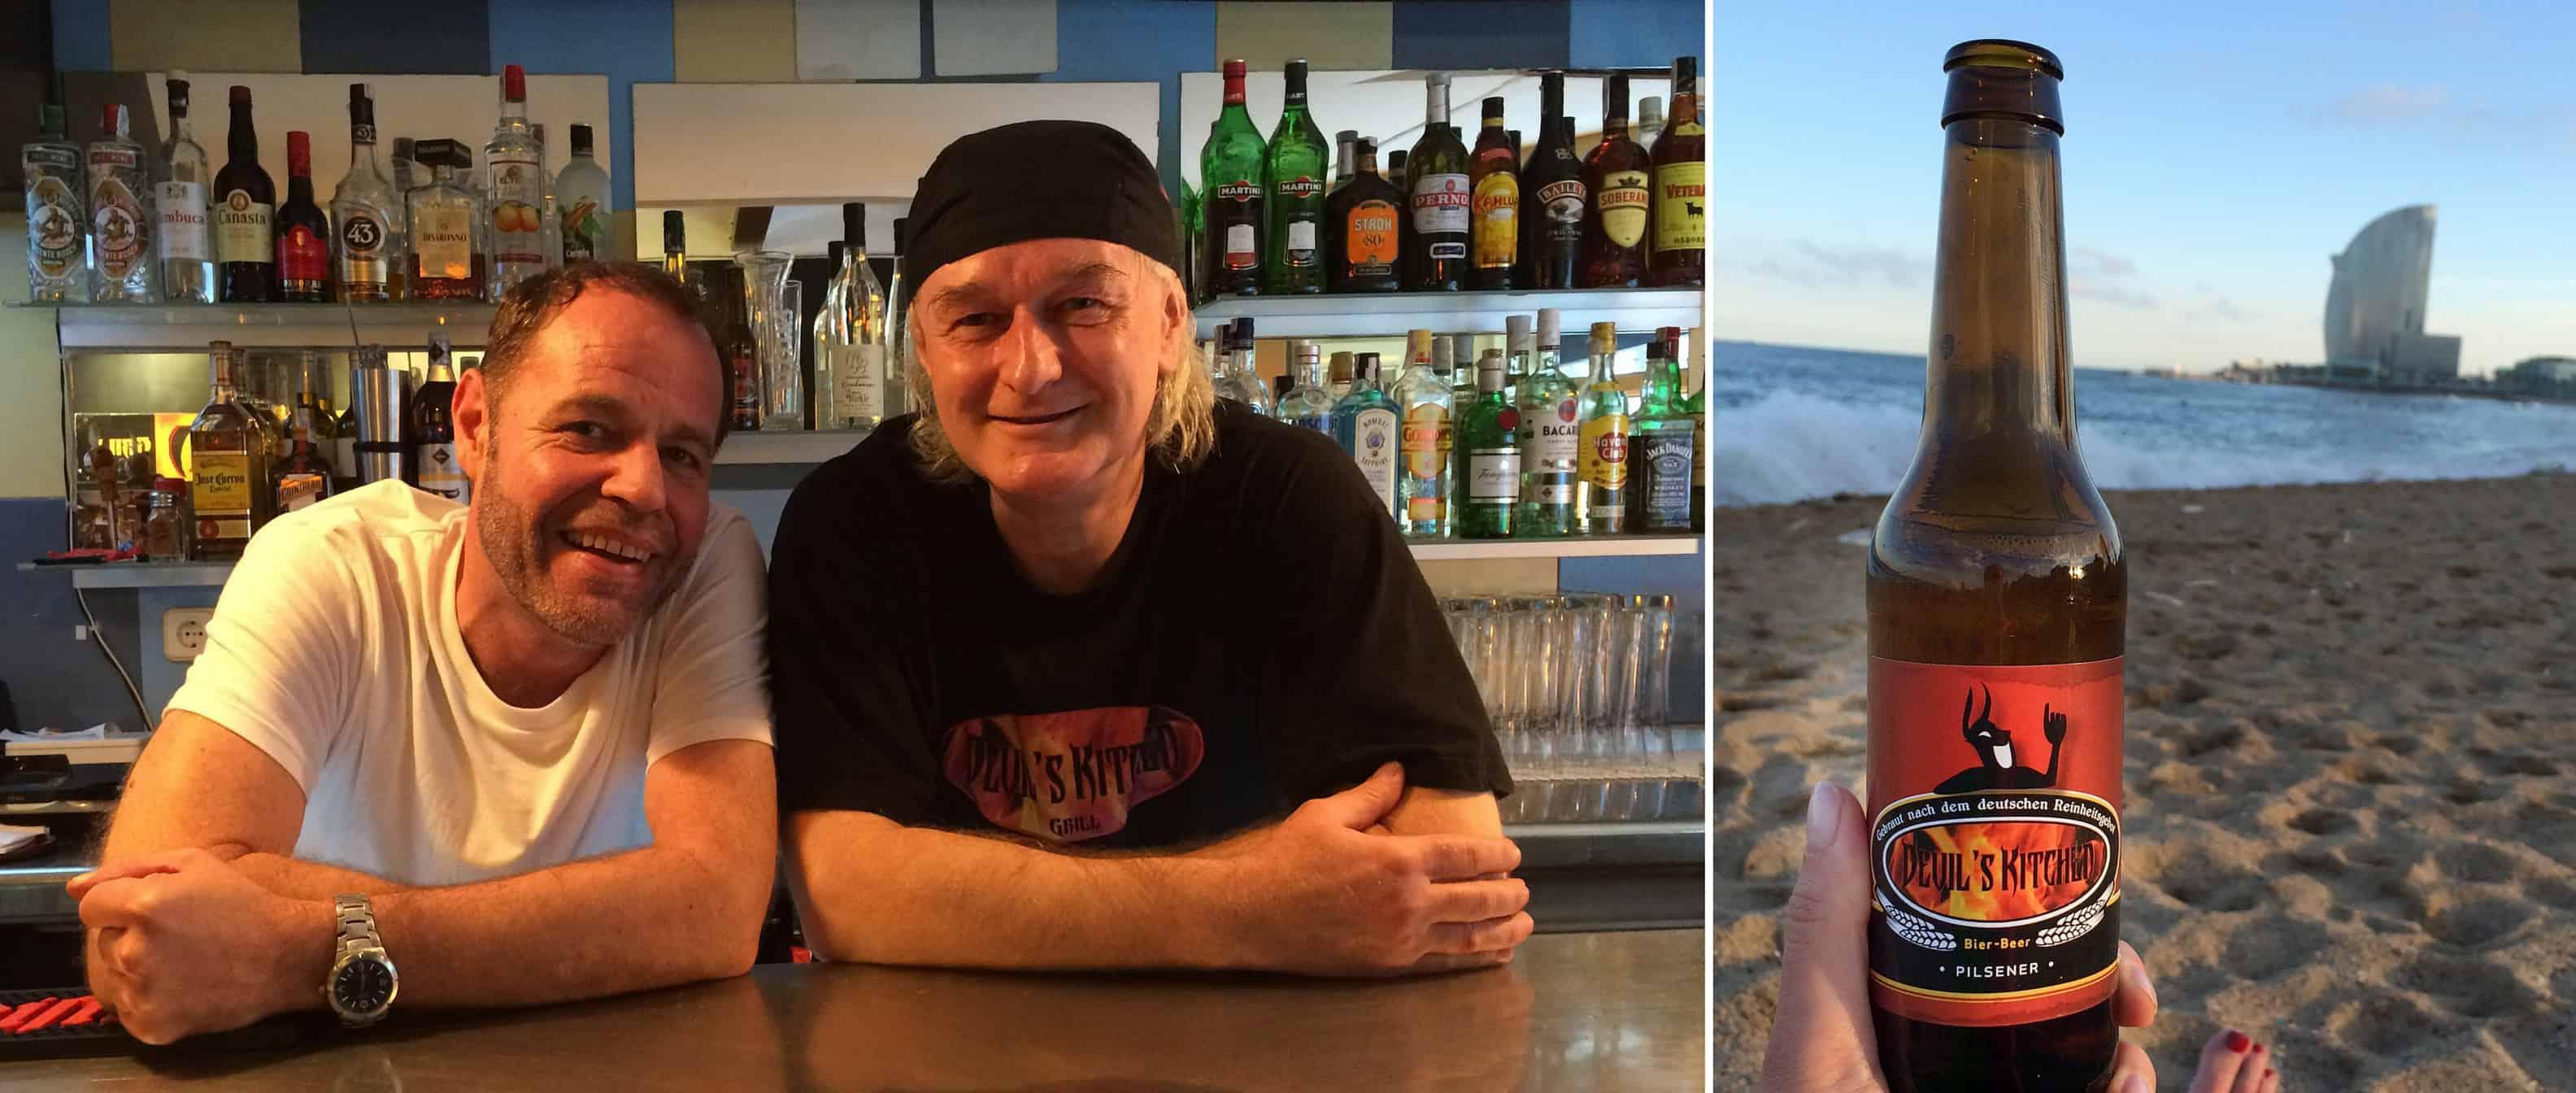 """Restaurant eröffnen in Barcelona: Bettina Sturm von """"Respekt Herr Specht"""" hat heute im Gründerinterview Christian Plettau und Erik Stephens von """"Devil's Kitchen"""""""